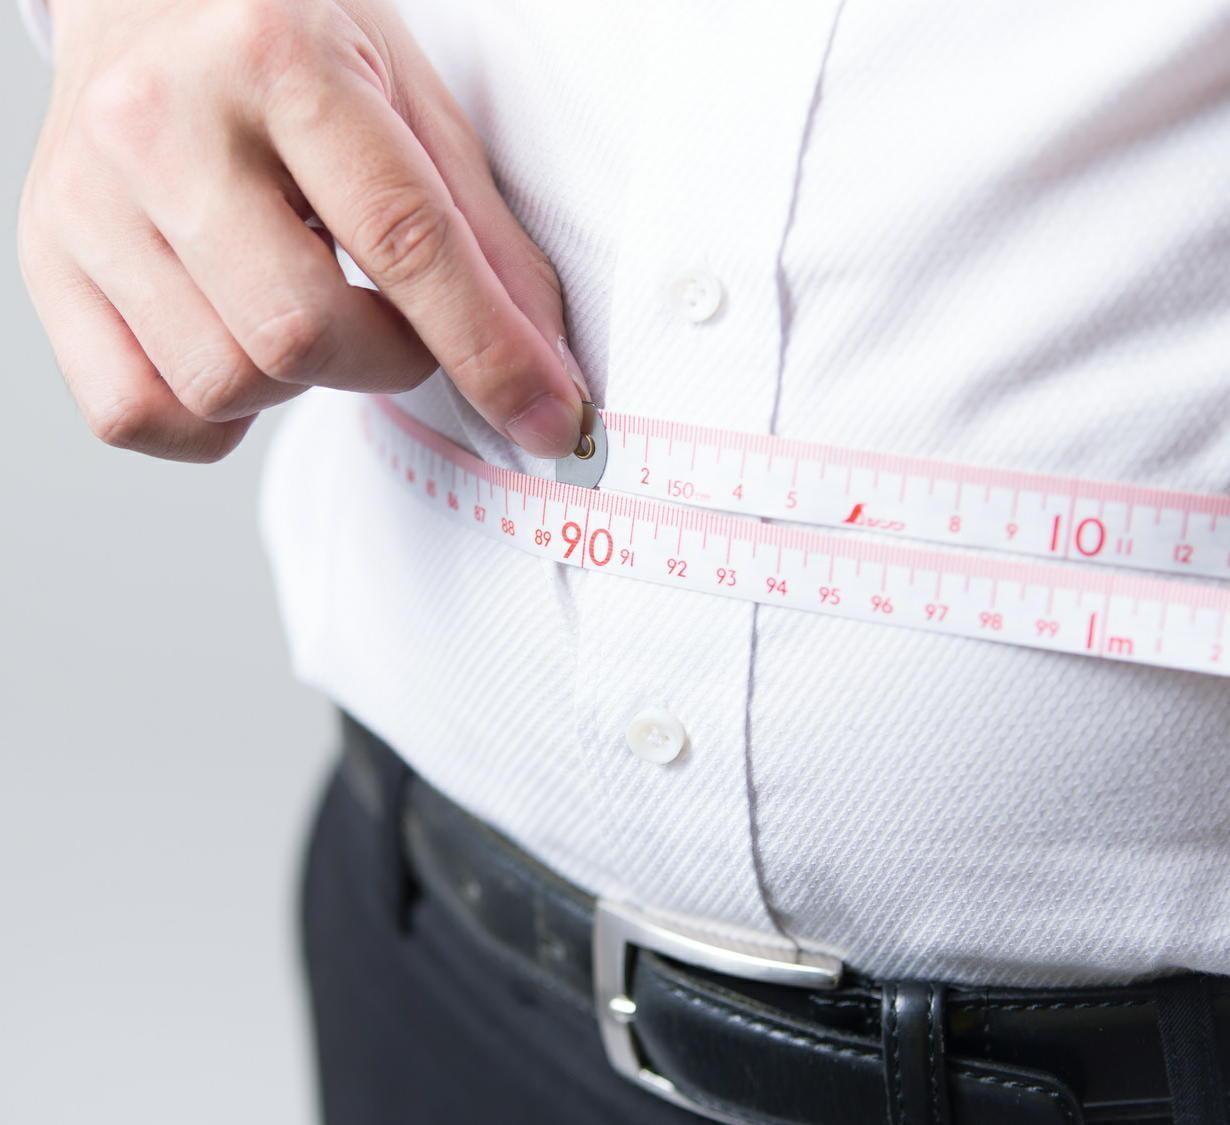 メタボへの関心は腹囲測定から!「腹囲メジャー」決算セール実施中♪ ~健診やイベントの配布用にも~